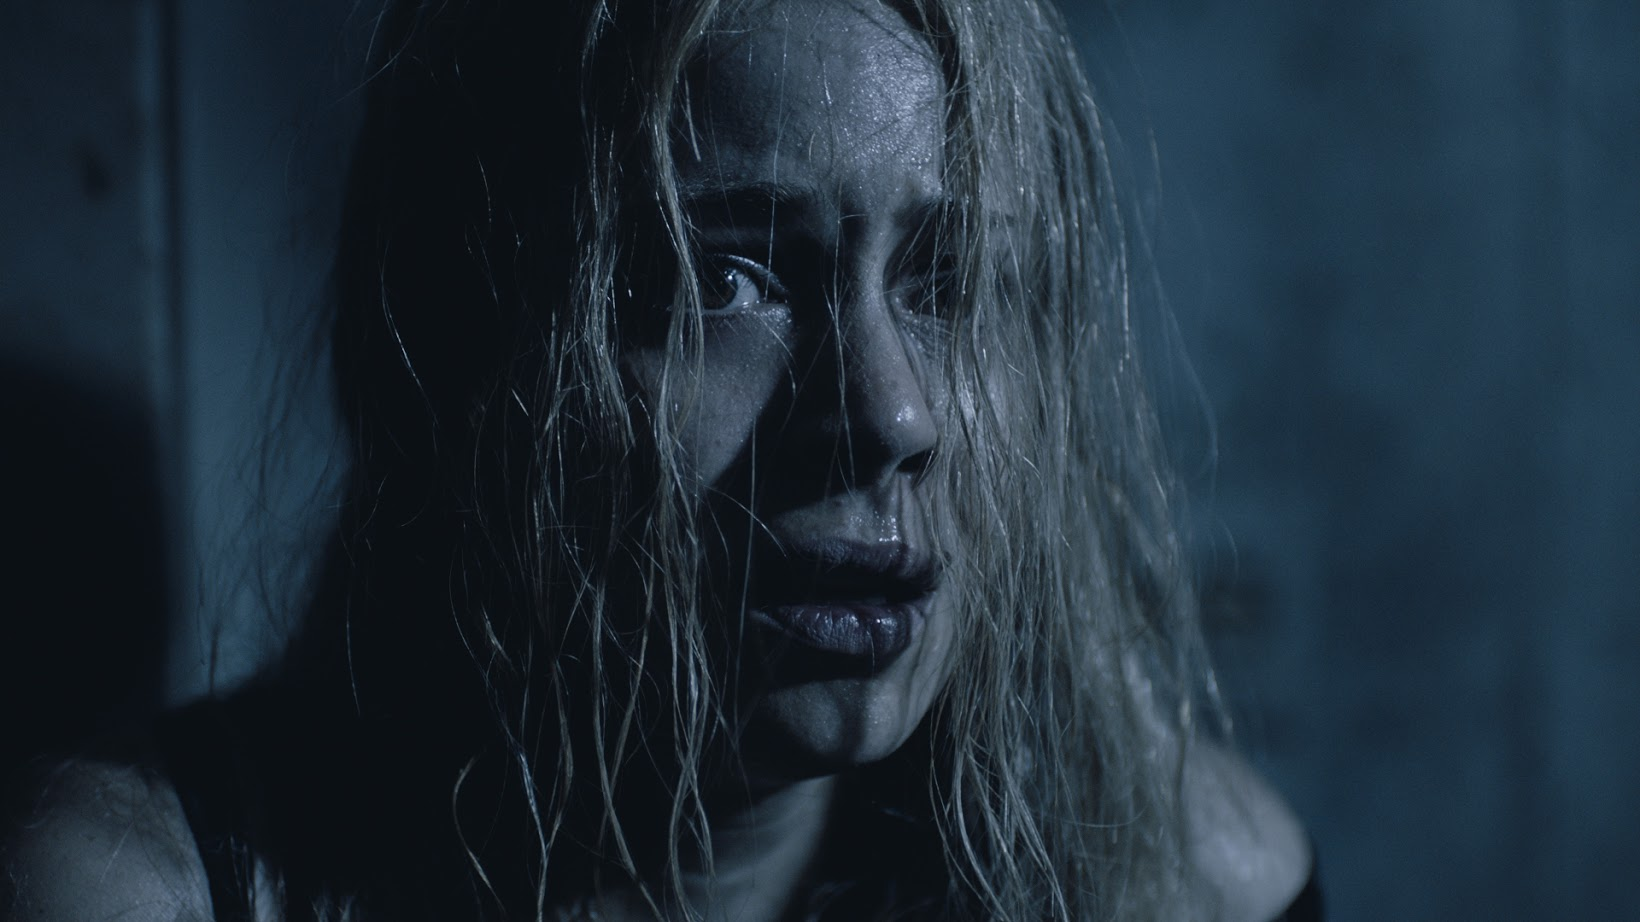 Leila, personagem de Leandra Leal - Crédito: Divulgação do filme